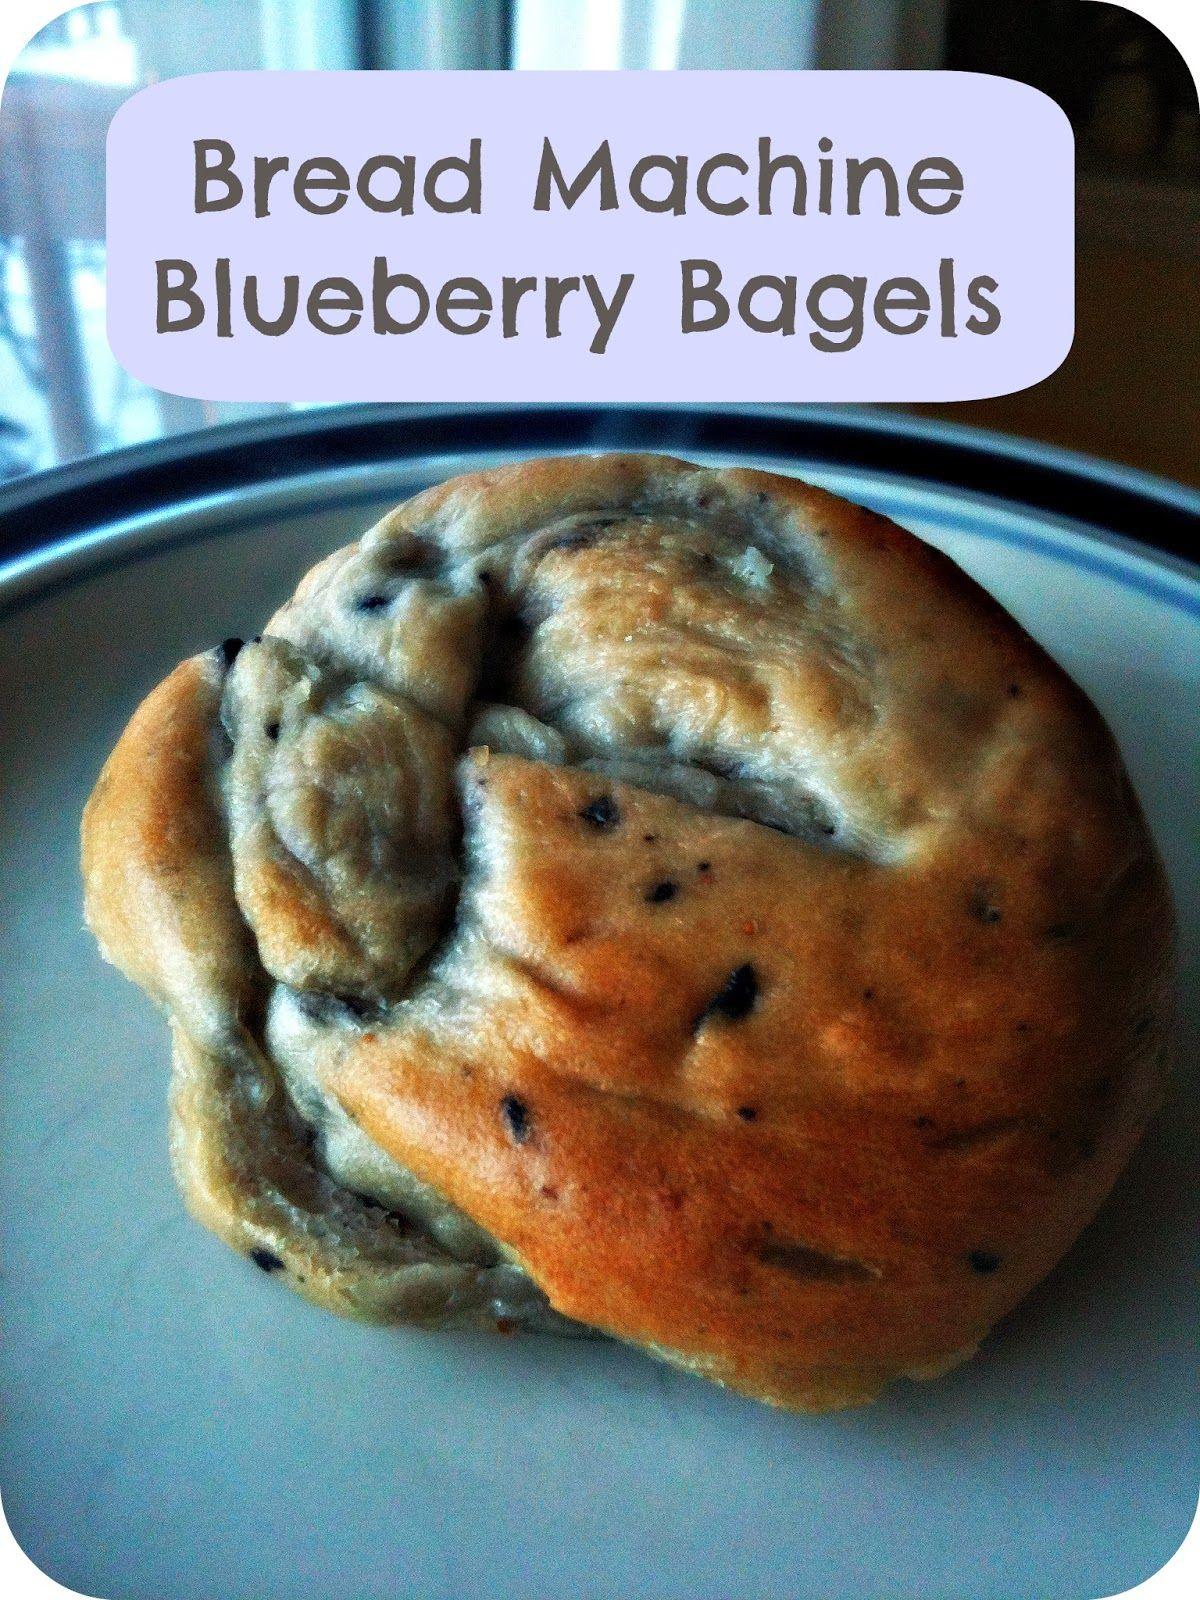 Bread Machine Blueberry Bagels Baking Bread Machine